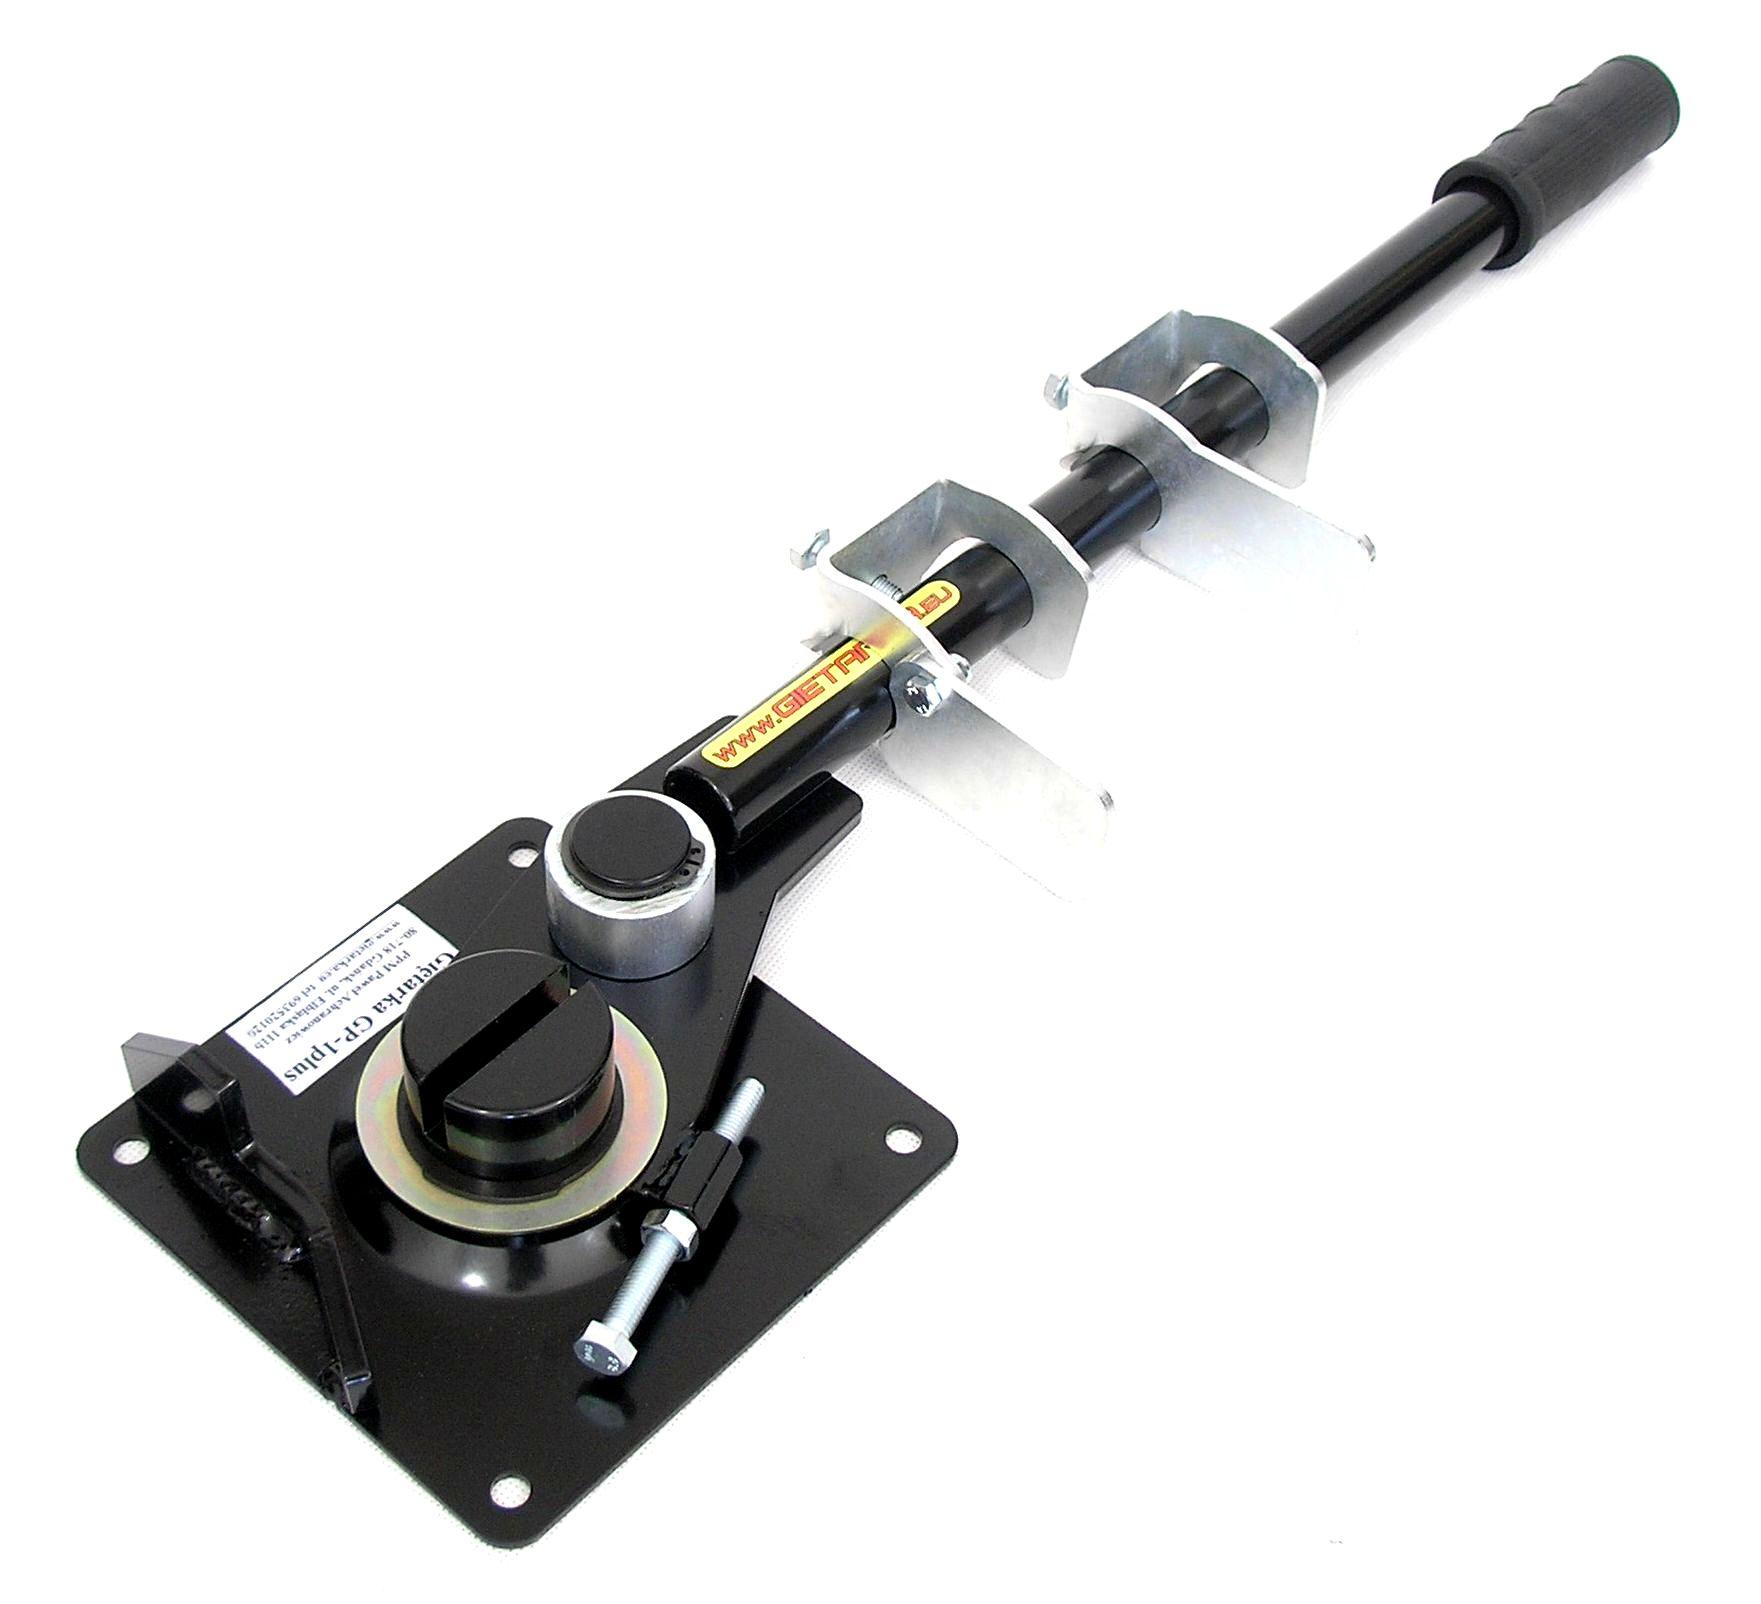 Бендер 6-14 для проволочных стержней, 8 мм канавка